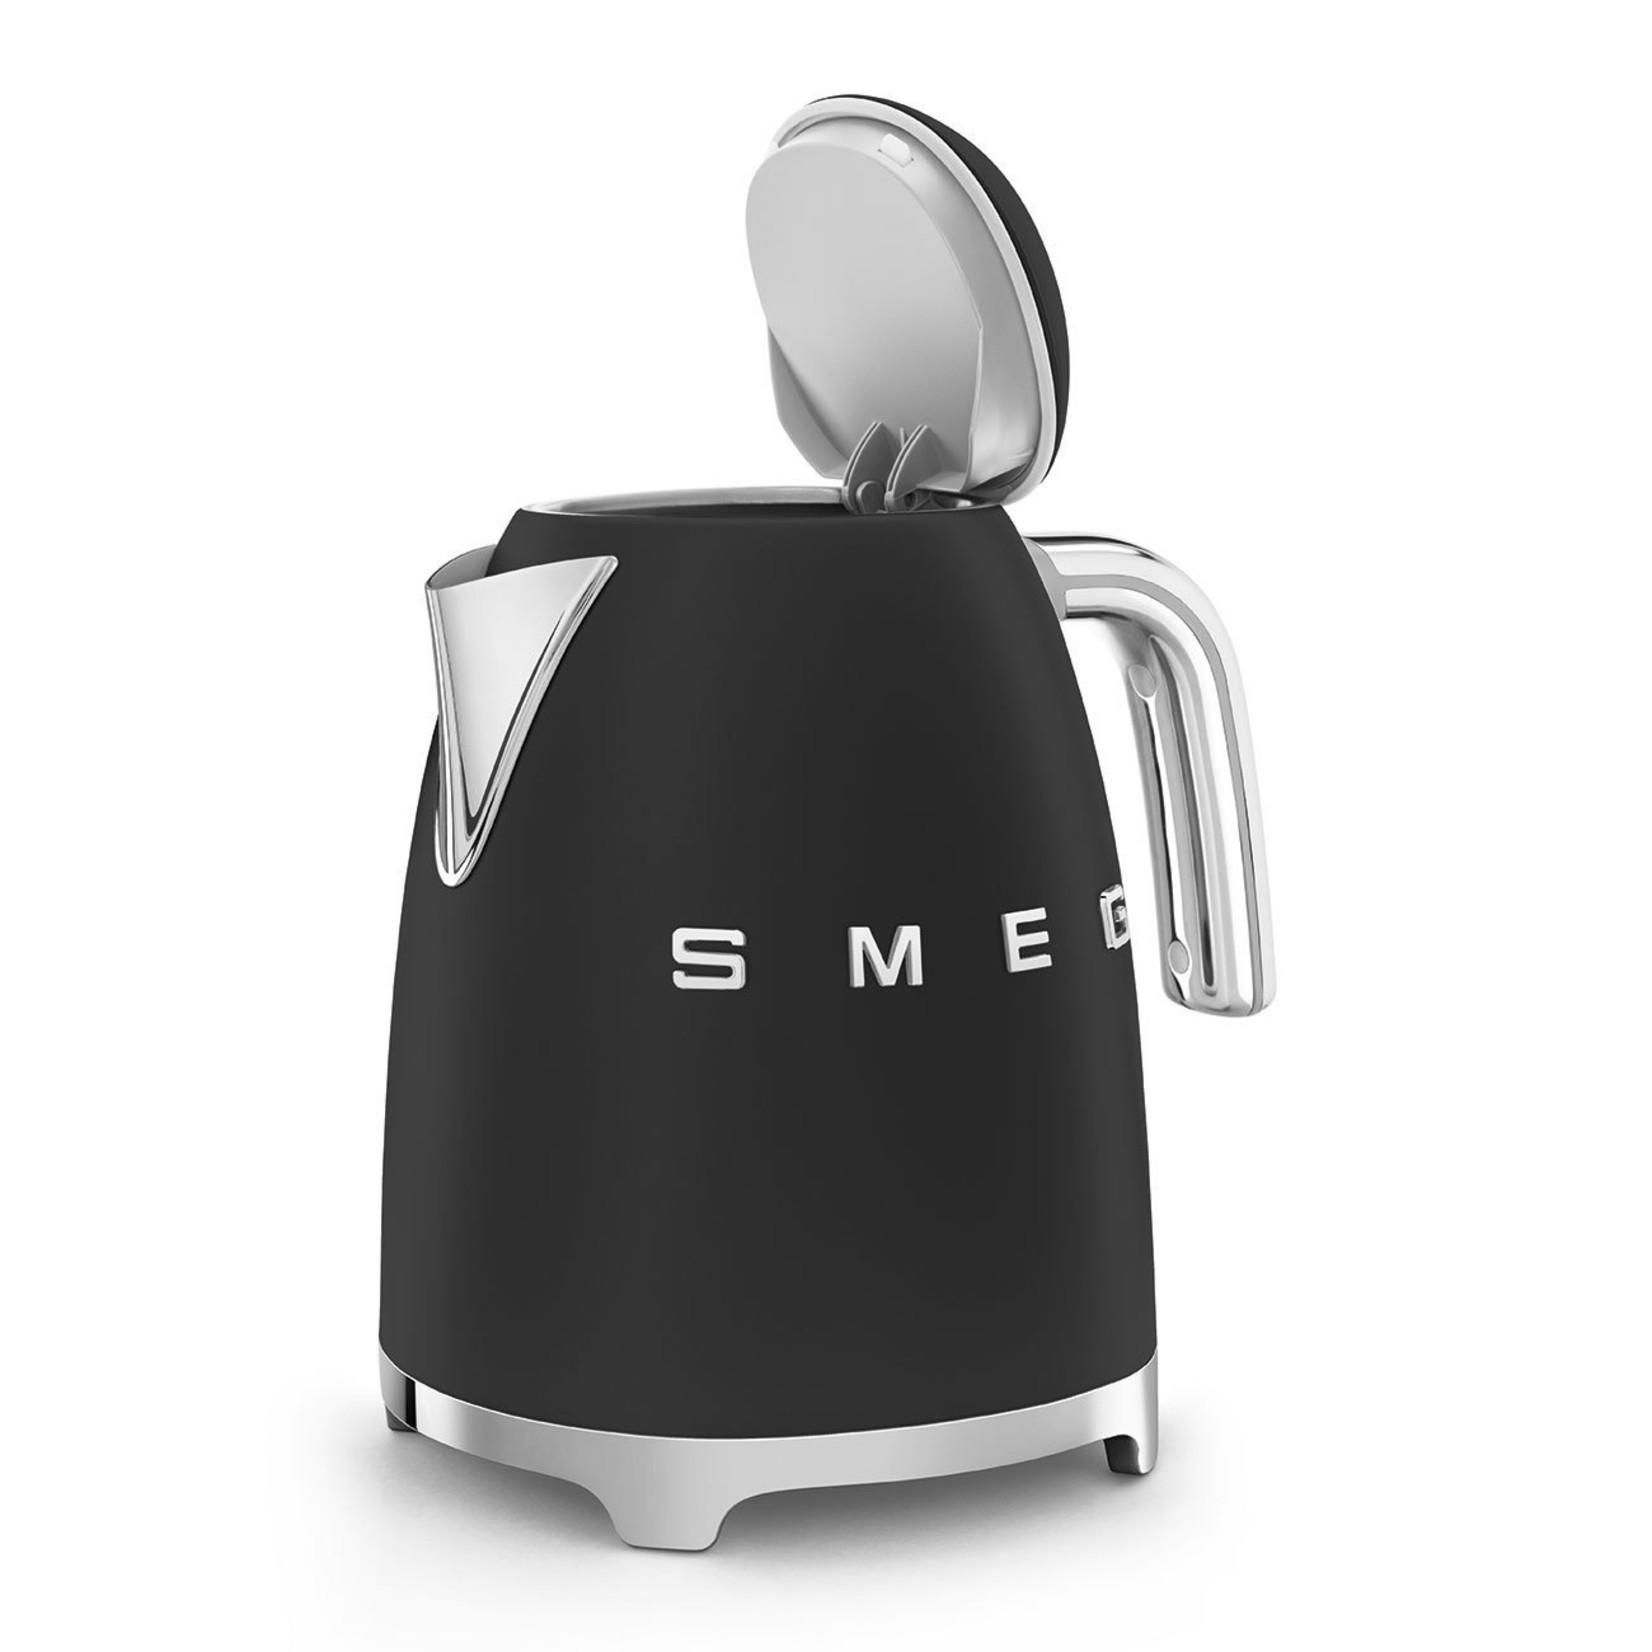 Smeg Smeg waterkoker KLF03BLMEU 1,7 liter mat zwart